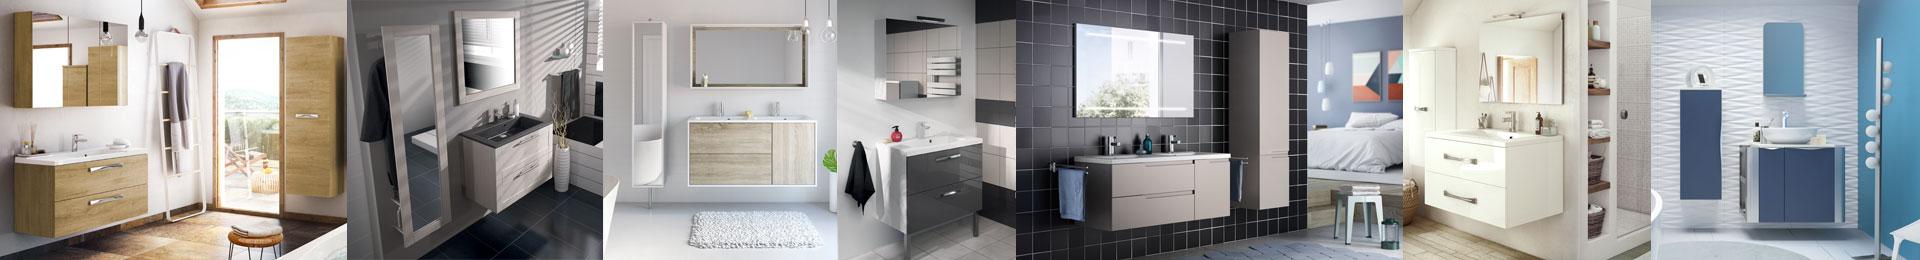 Meuble salle de bain complet mobilier armoires etc for Meuble salle de bain complet